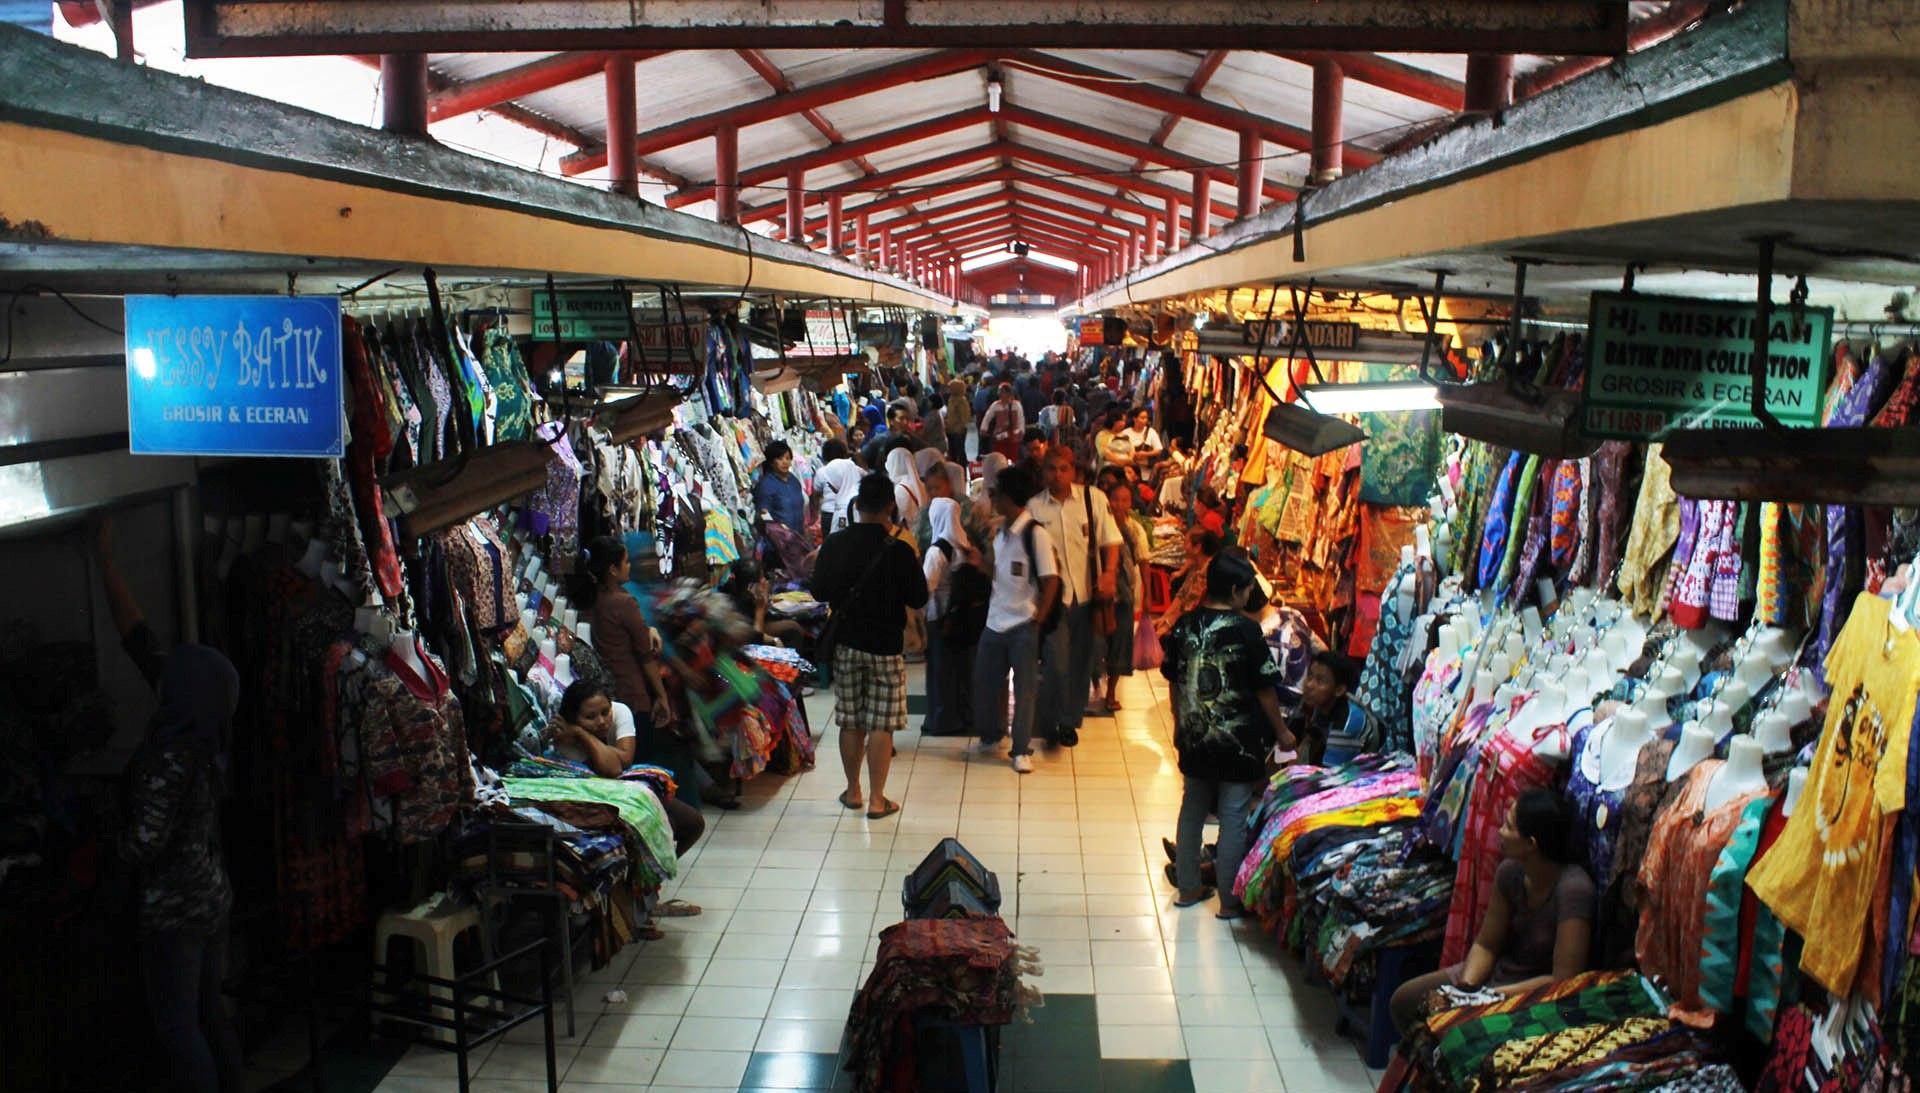 Grosir Daster Katun Bandung Bisnis Grosir Daster Batik di Bandung yang Menggiurkan